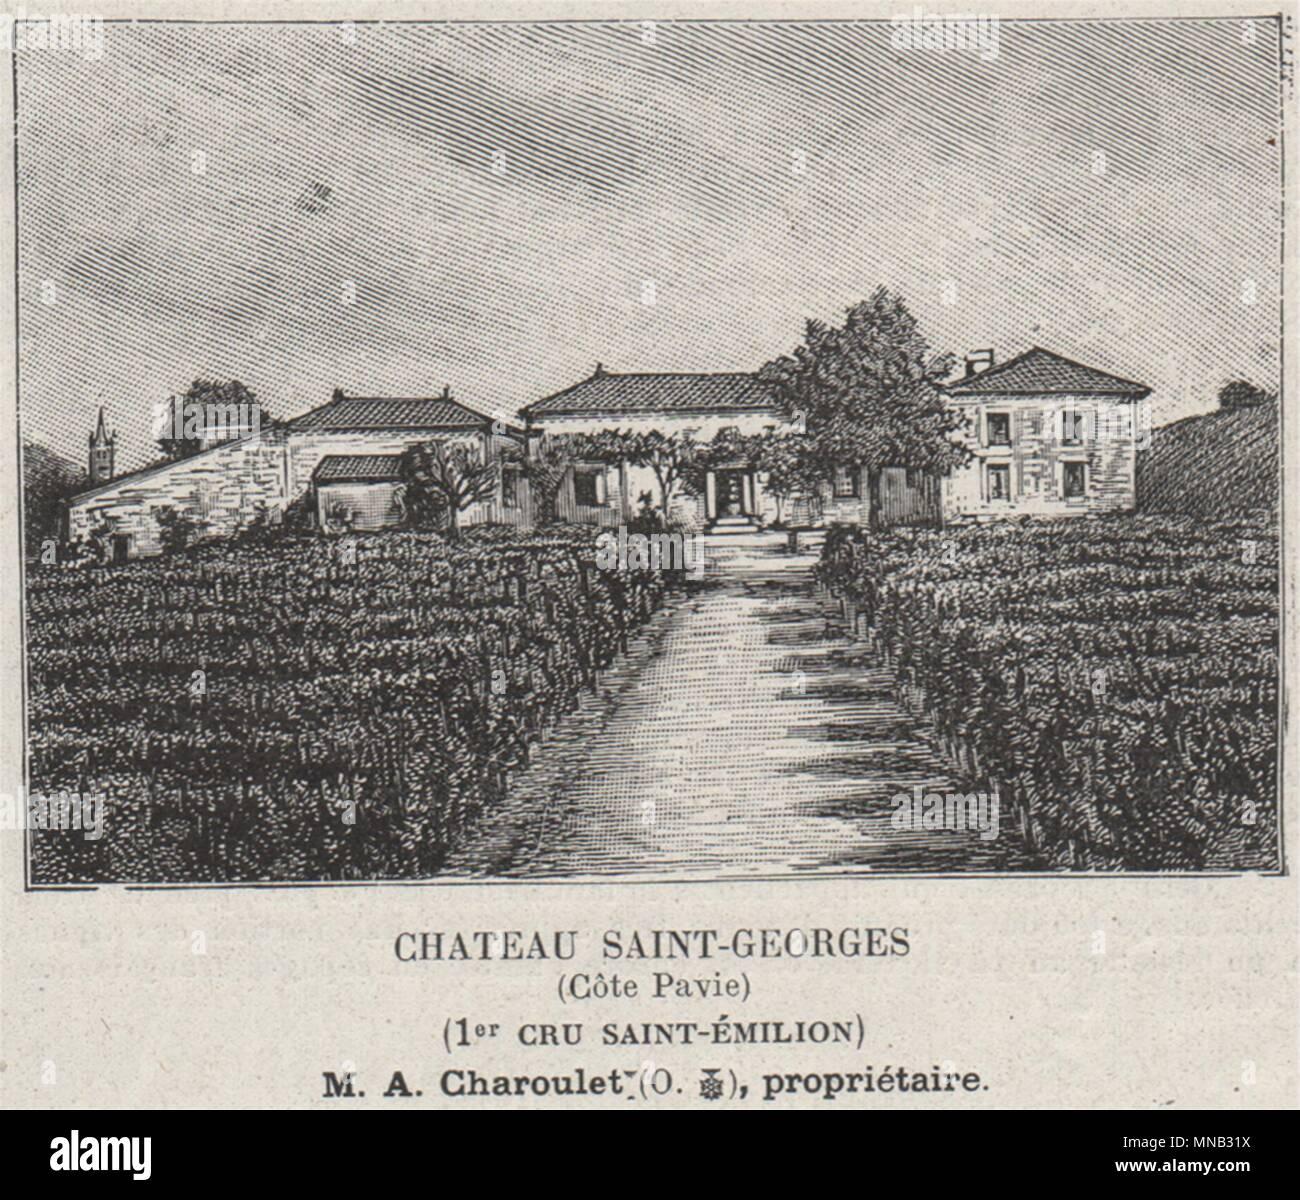 6bee0dcdf93 Chateau Saint-Georges (Côte Pavie) (1er Cru Saint-Émilion). SMALL 1908 print